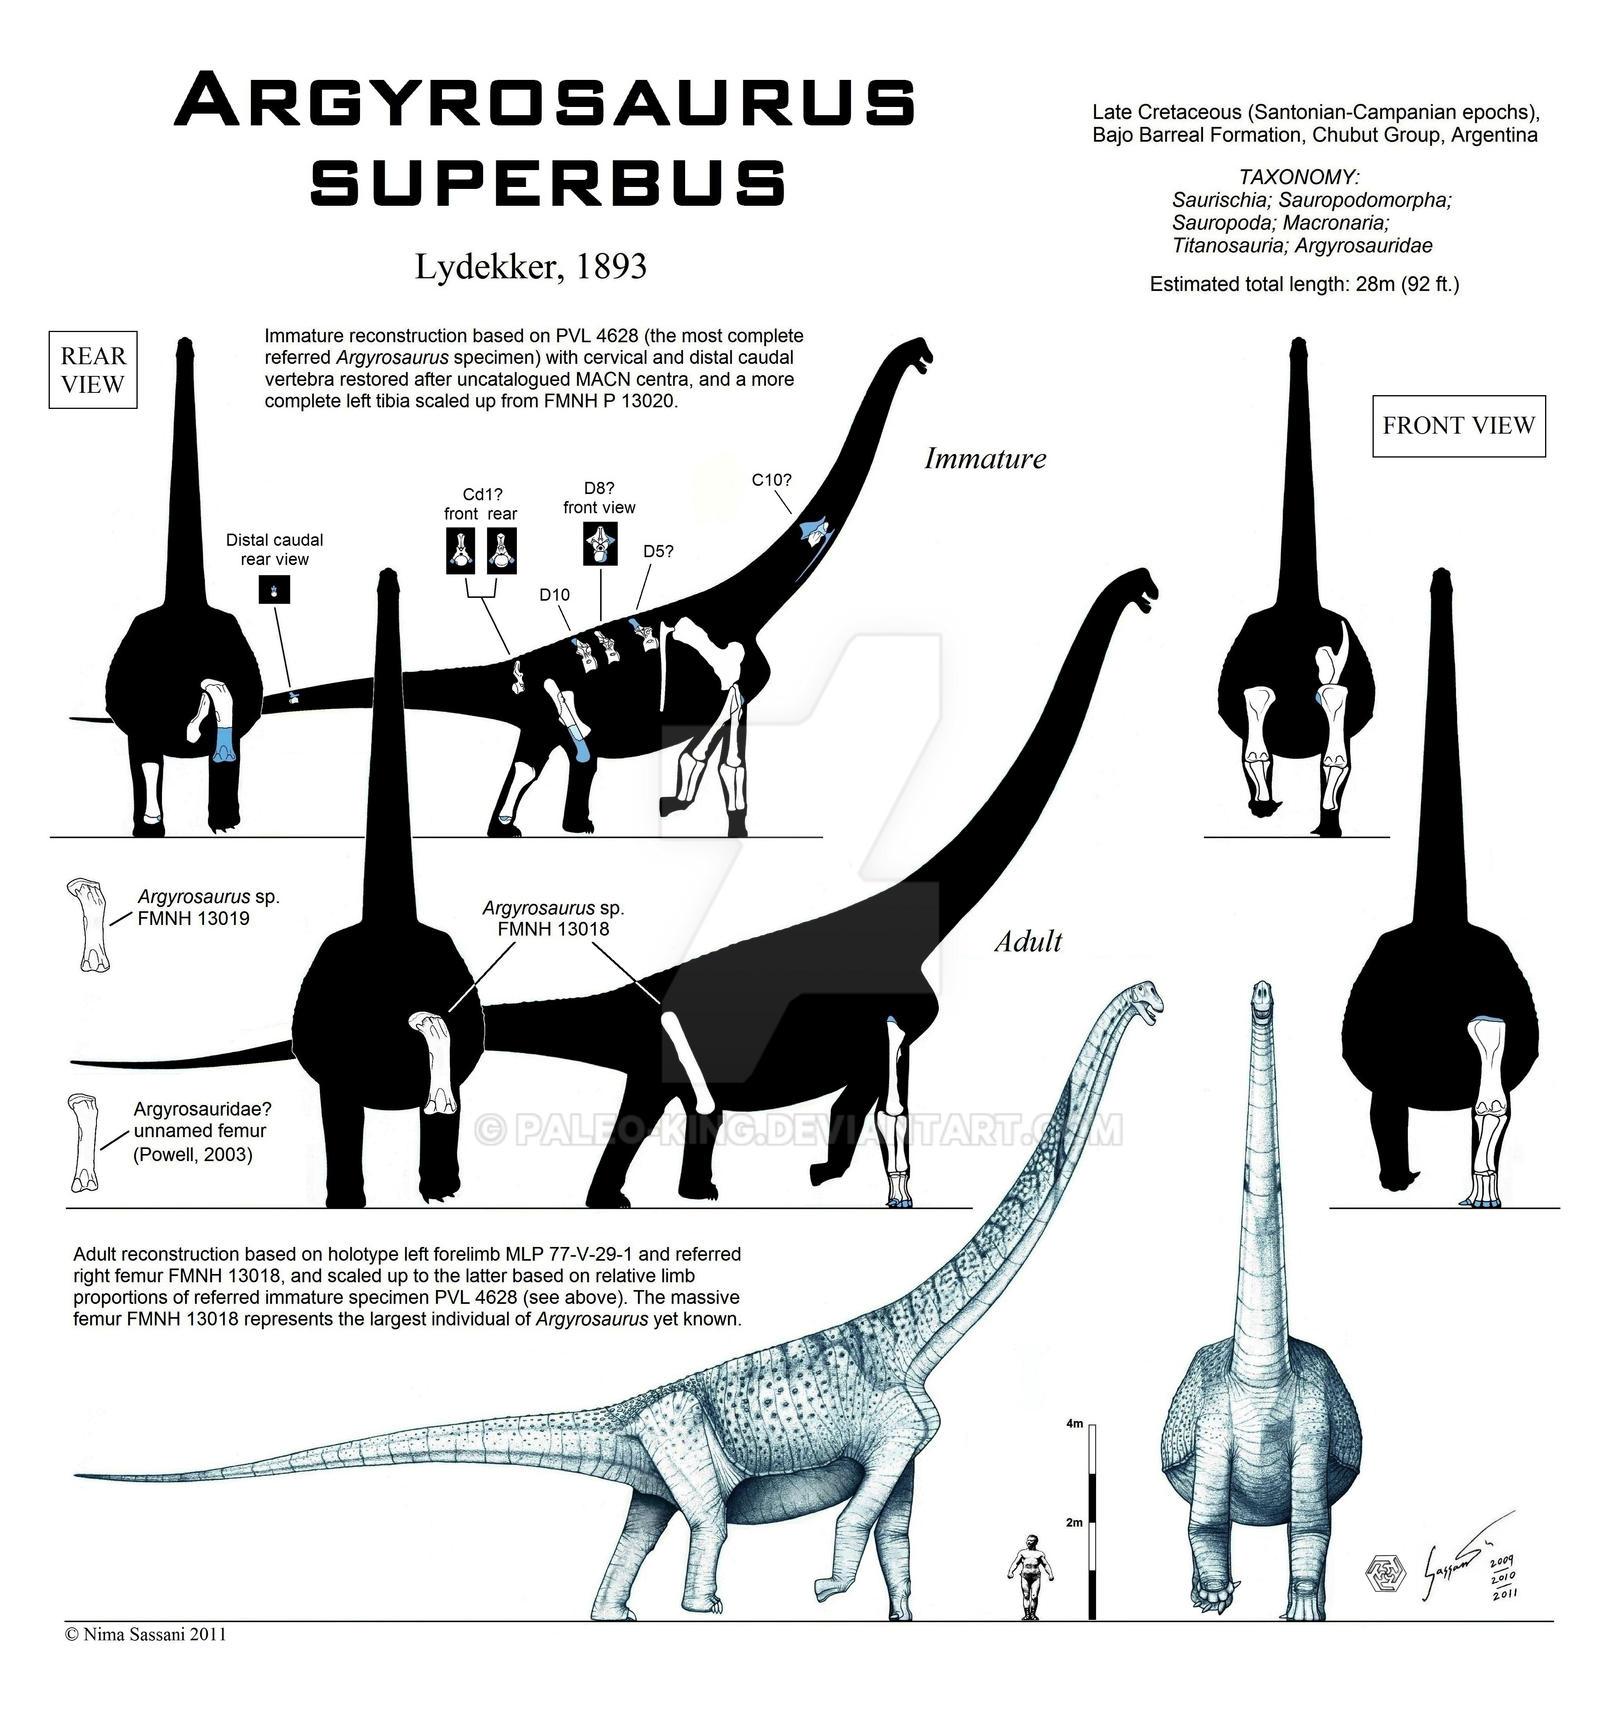 Argyrosaurus superbus by Paleo-King